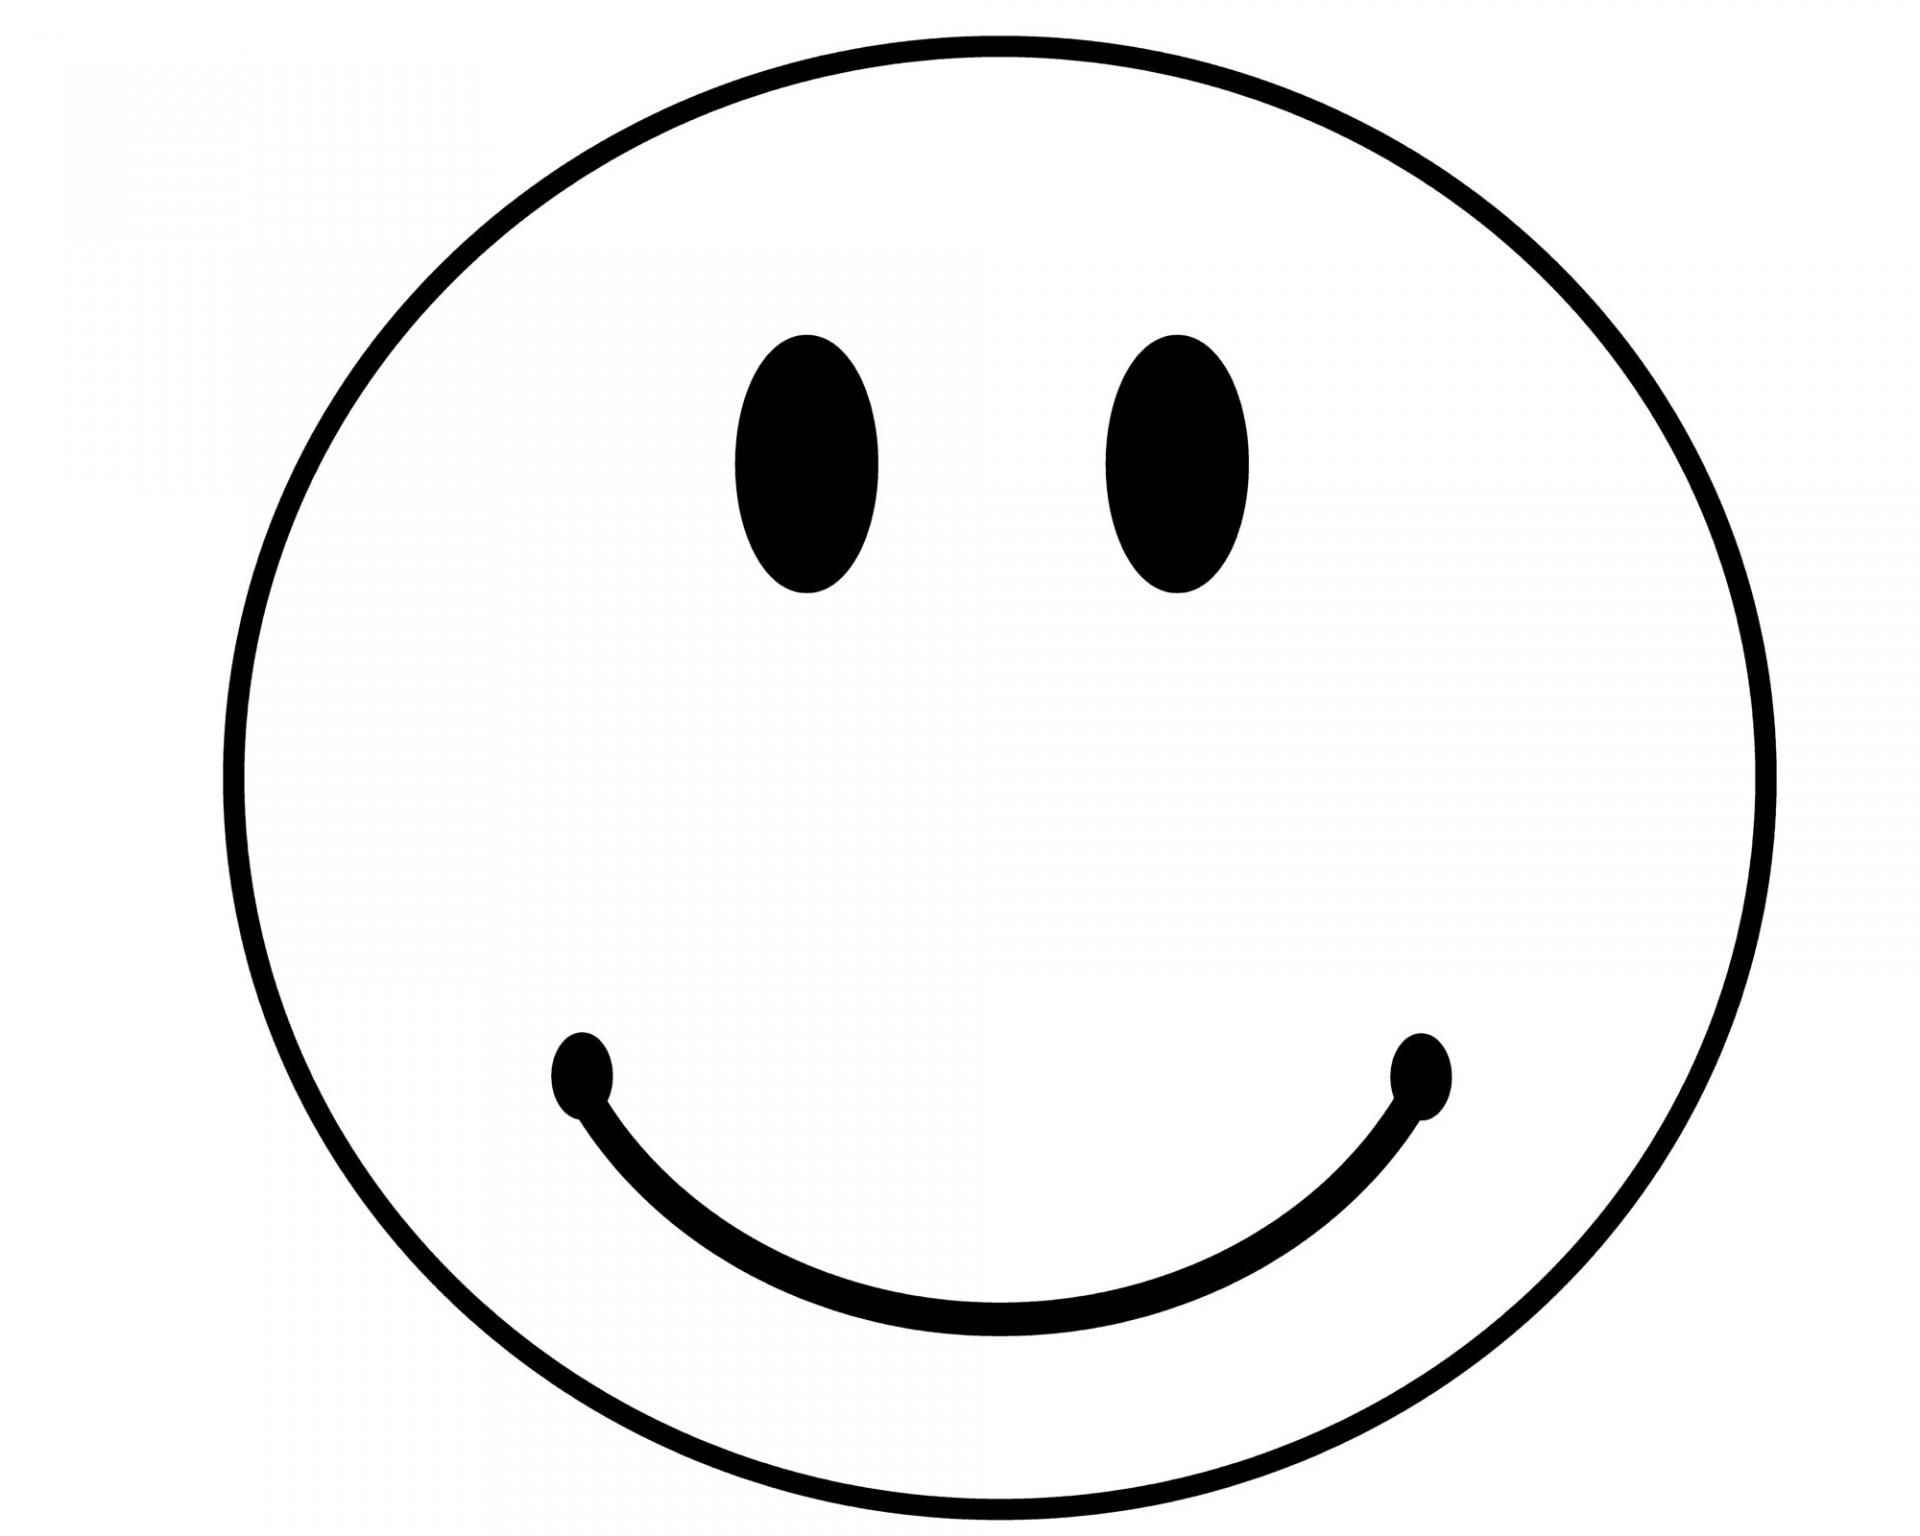 smiley face text